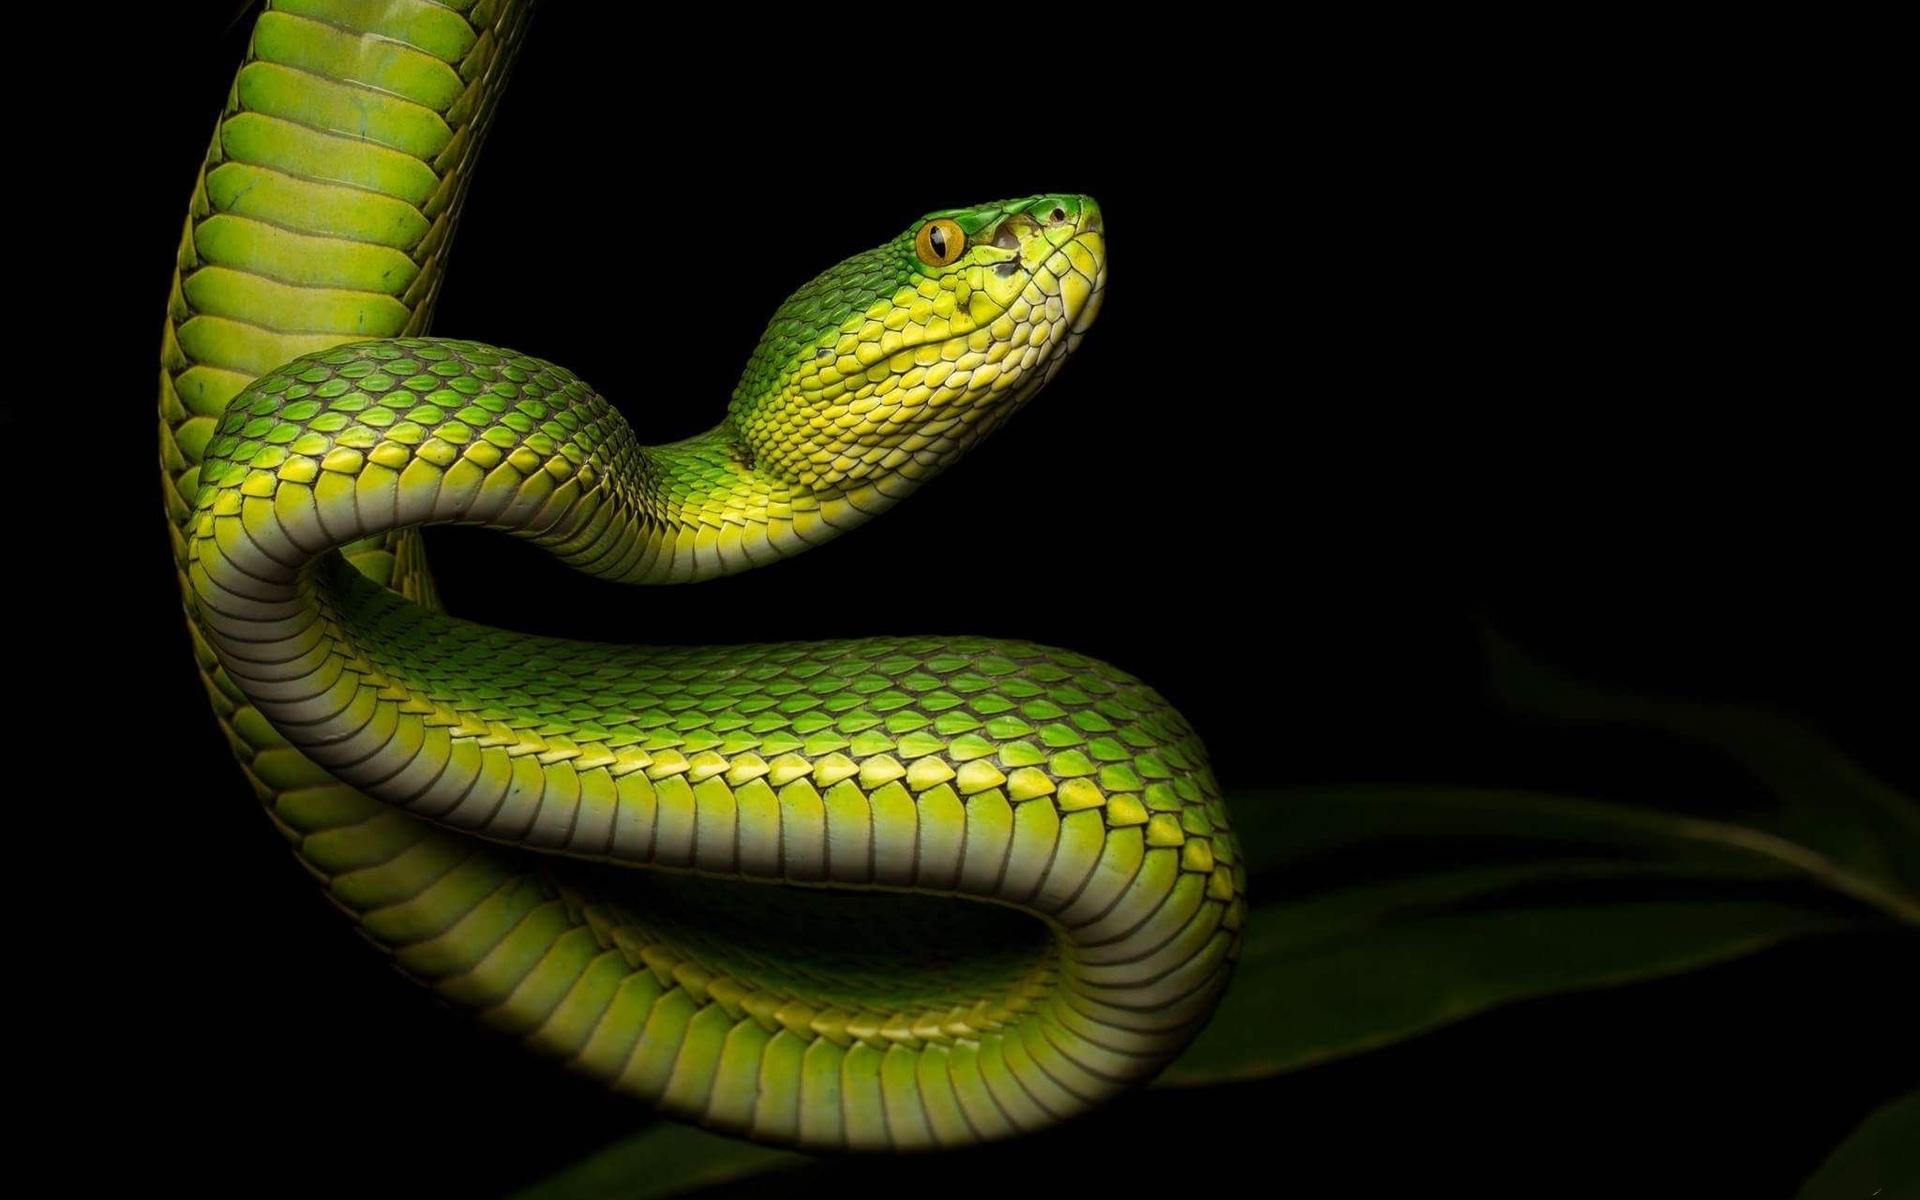 змеи в картинках для компа вкусная круглая гата